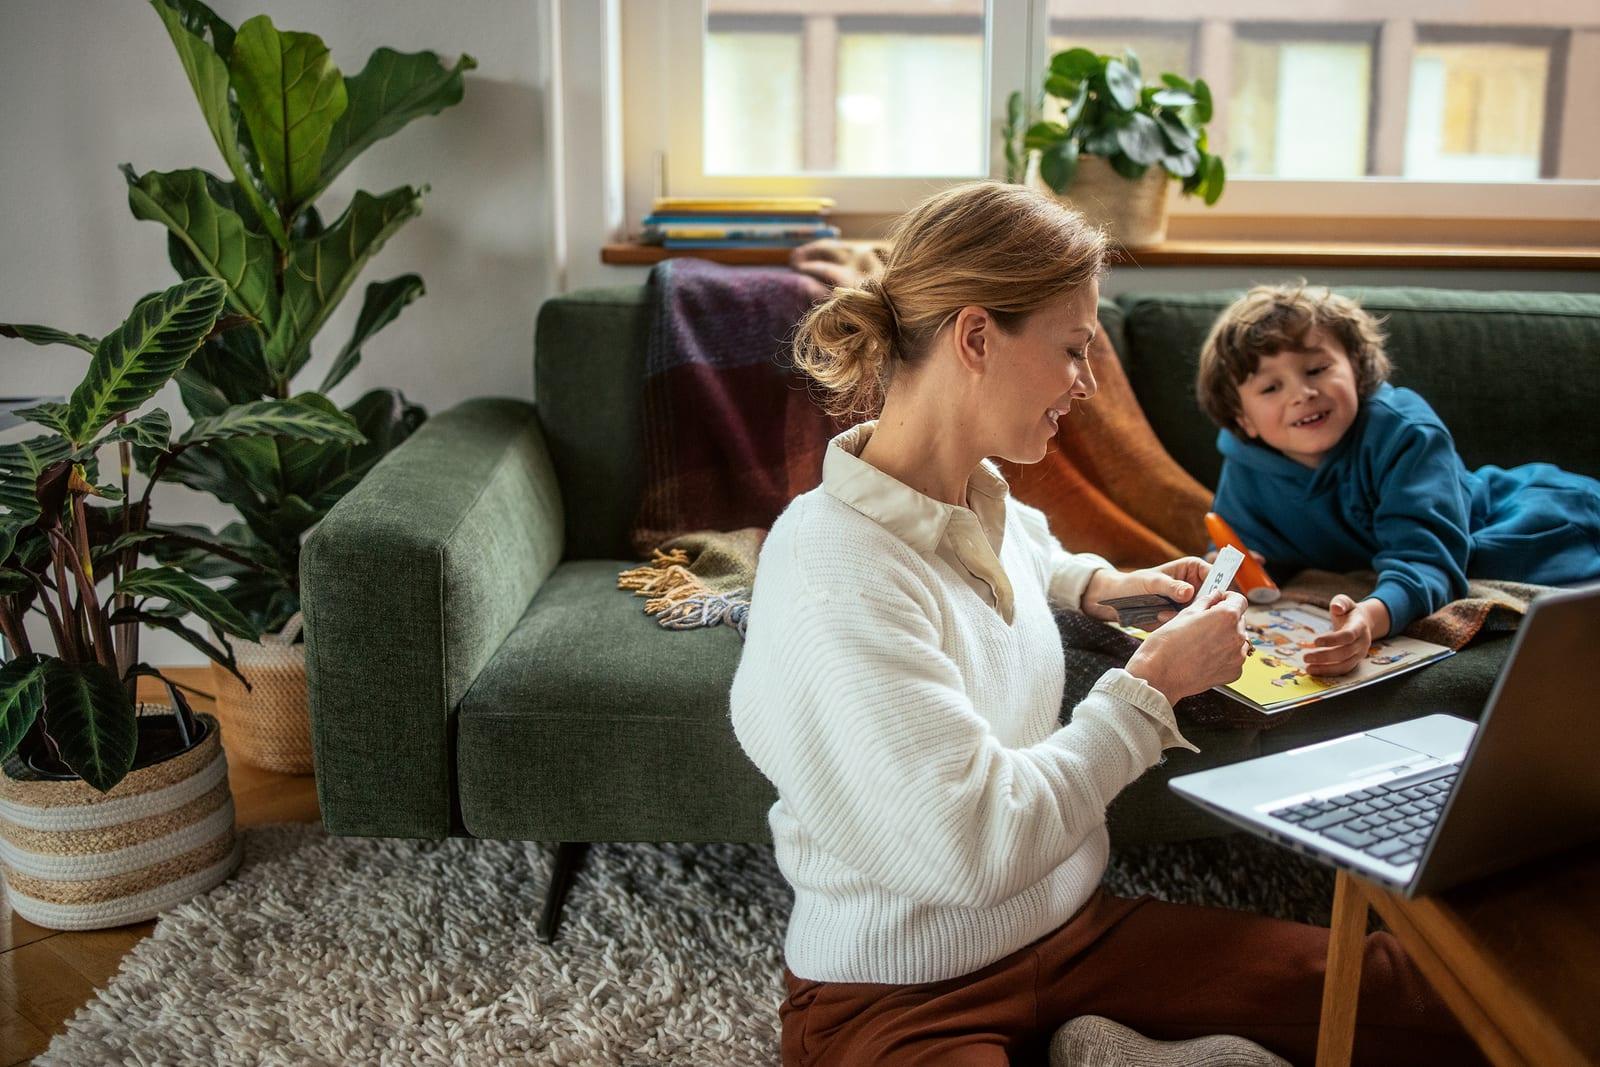 Una persona siede con il proprio figlio in soggiorno. Riordinano elementi della collezione Migros Mania.